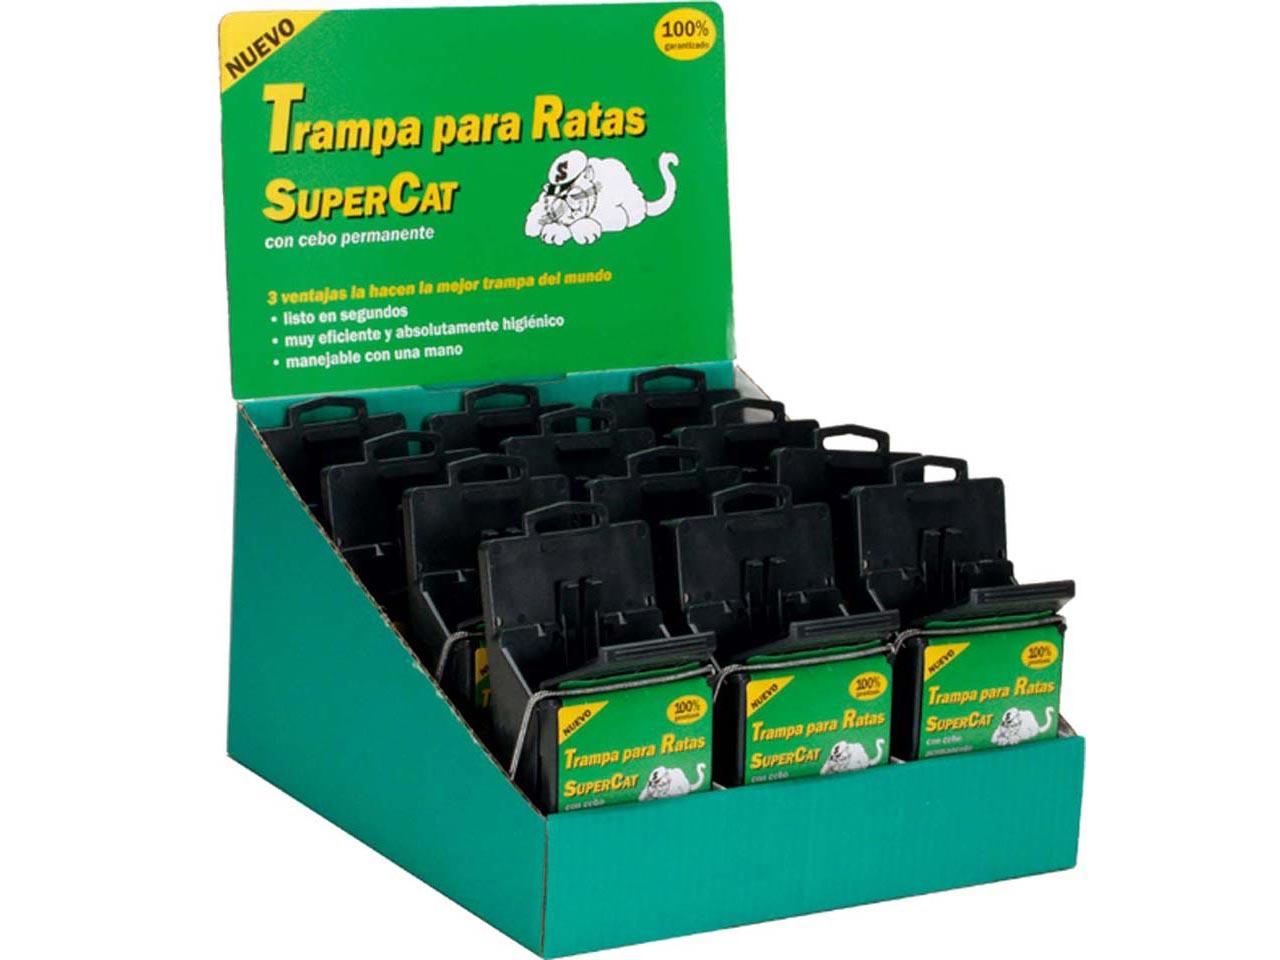 Sufersa supercat trampa para ratas y cebo - Trampas para ratones y ratas ...